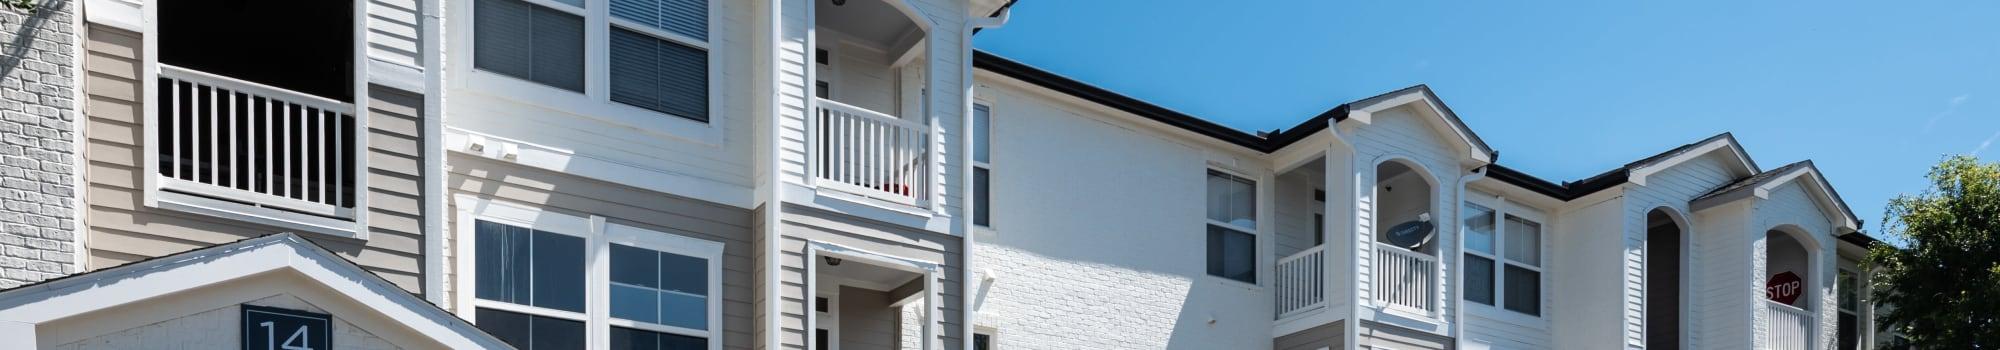 Contact us at Ingleside Apartments in North Charleston, South Carolina